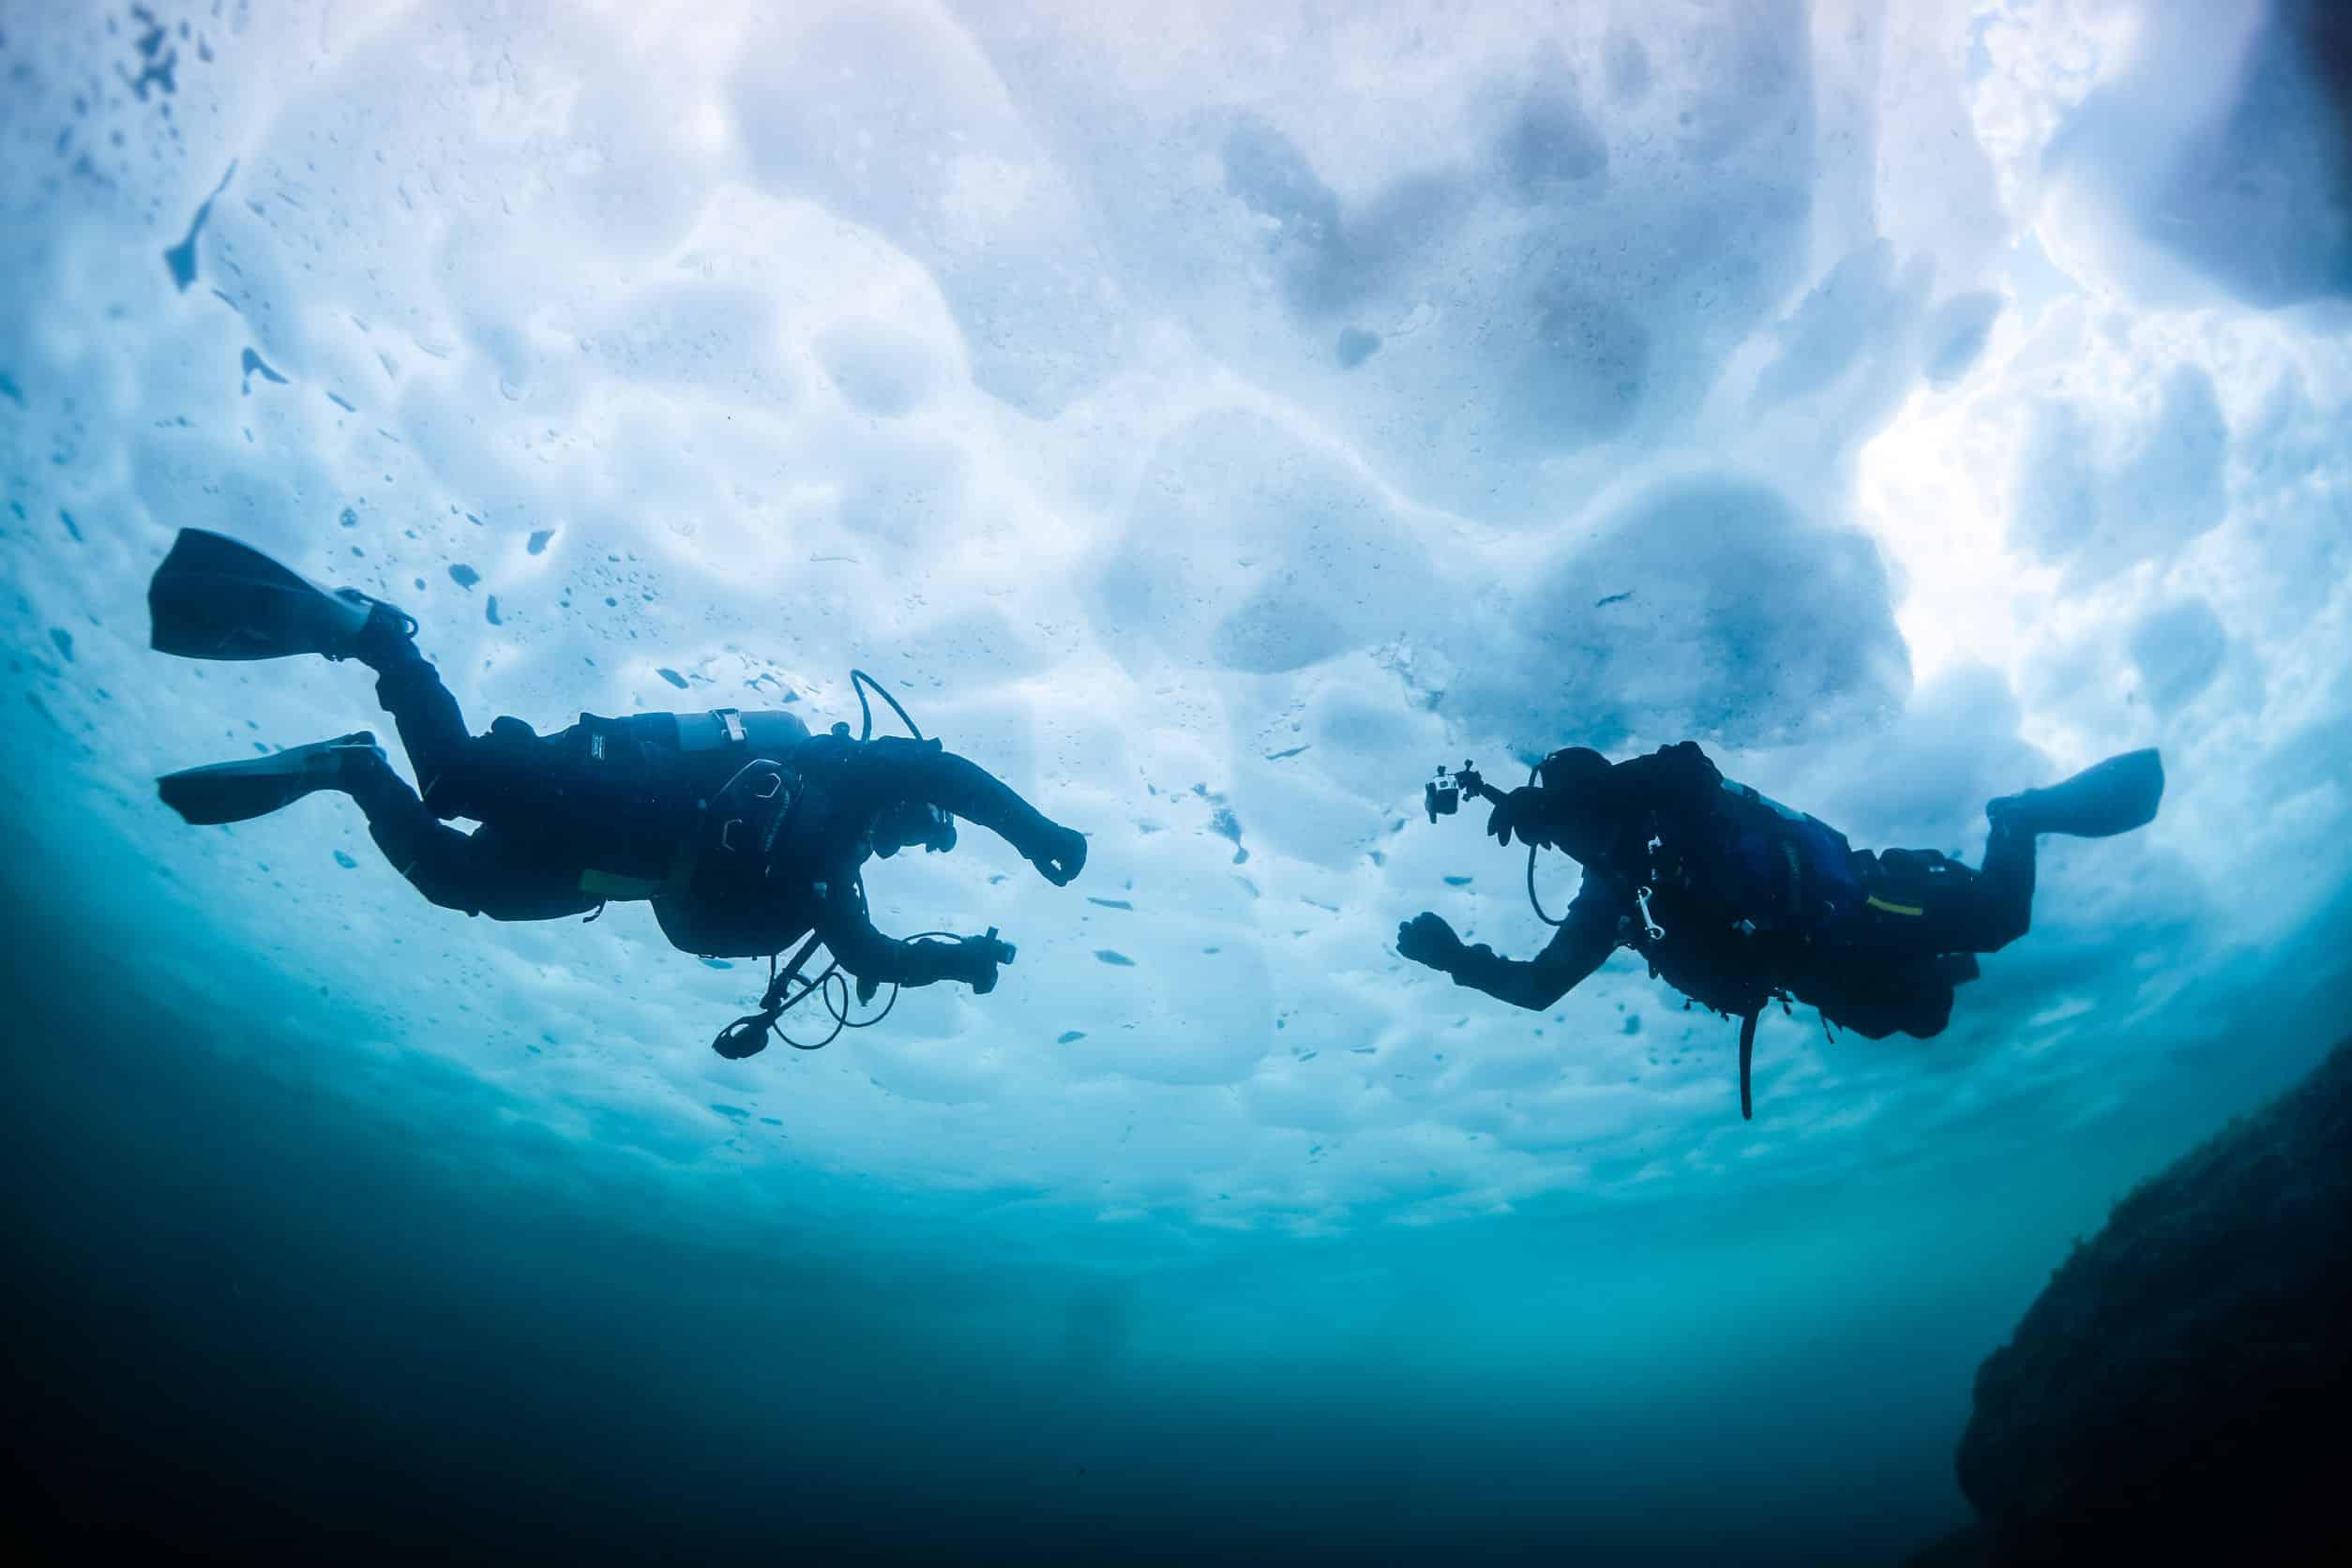 Plongée sous glace, un voyage hors du commun...